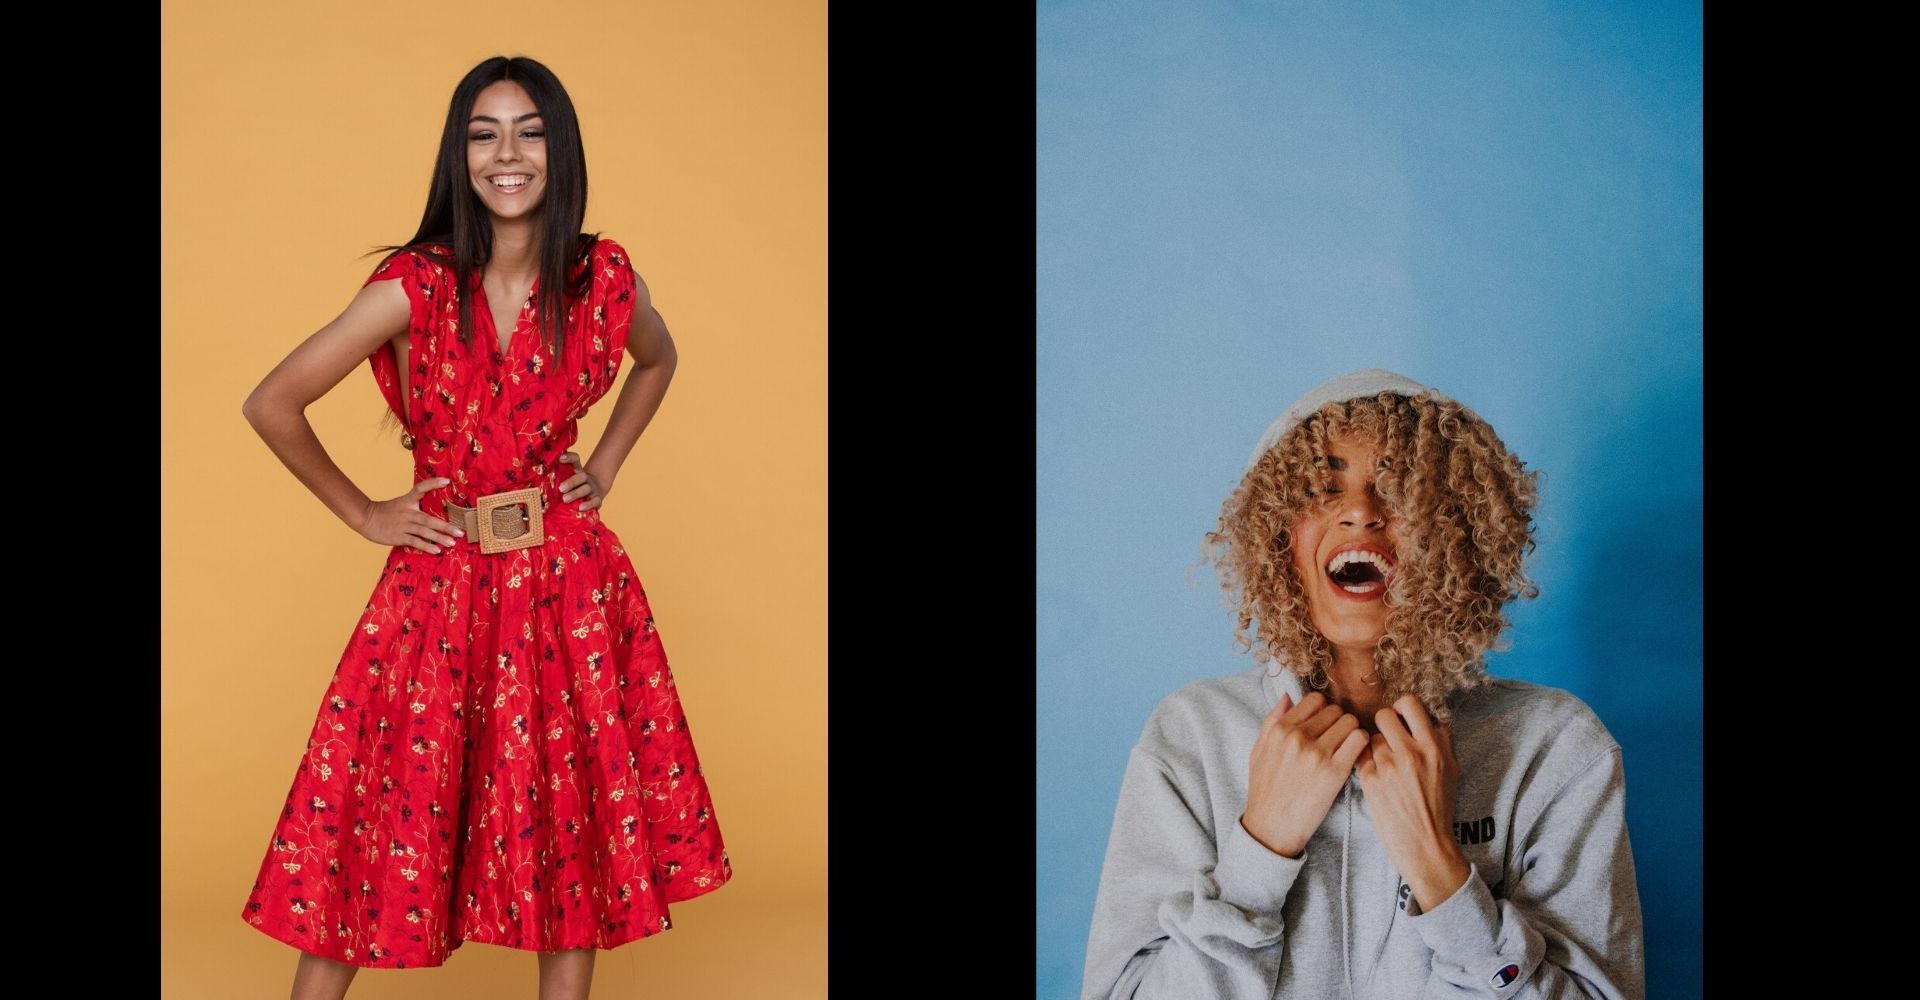 Kleid vs. Kapuizenpulli